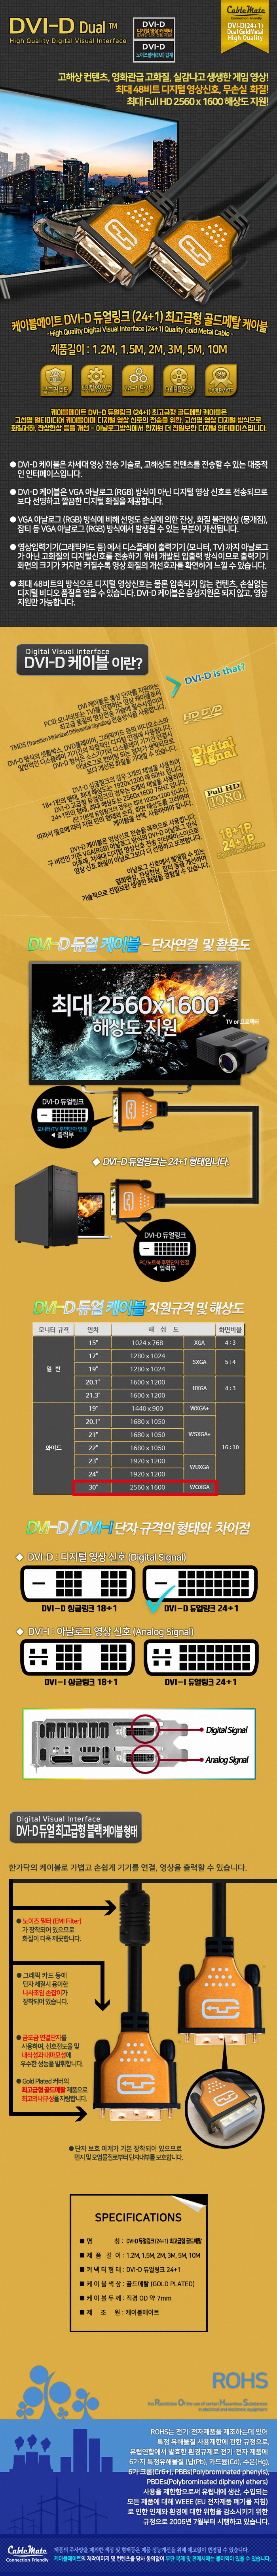 CABLEMATE DVI-D 듀얼링크 (24+1M/24+1M) 최고급형 골드메탈 케이블 (1.2m)